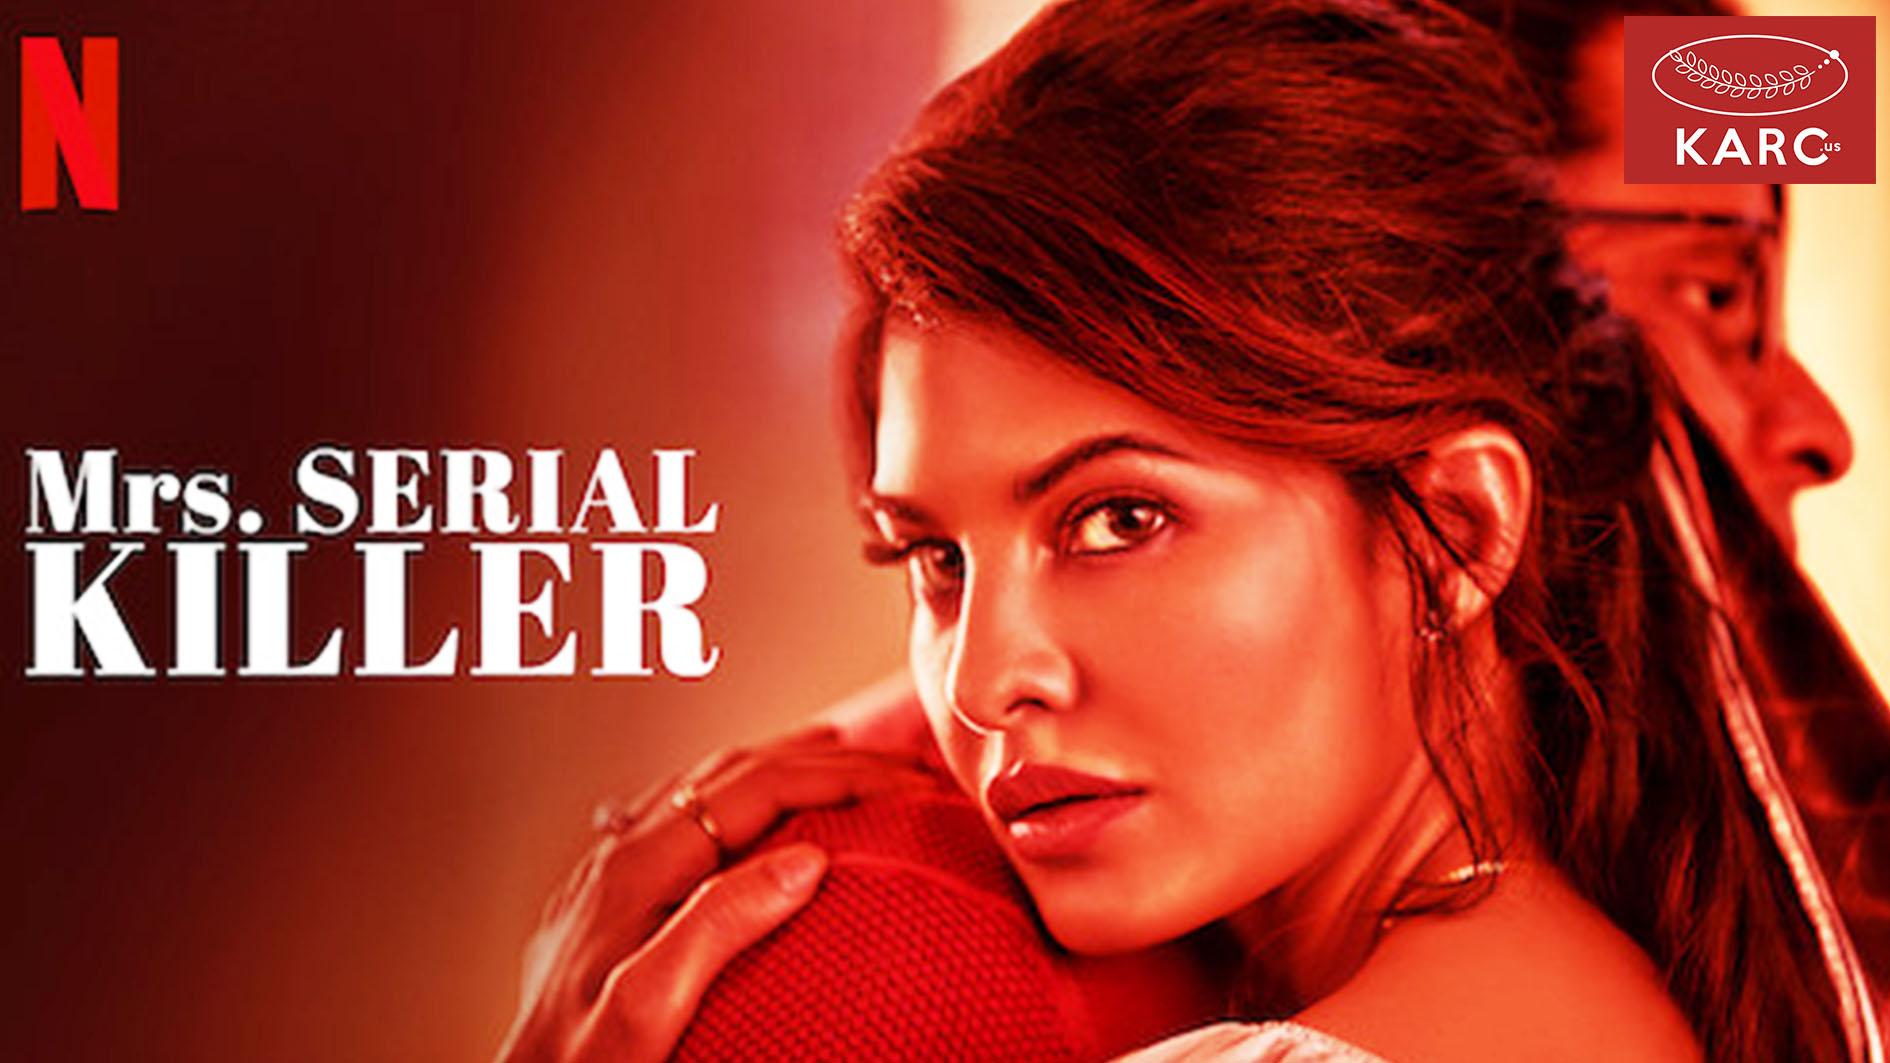 รีวิวหนัง Netflix : Mrs. Serial Killer หนังสยองขวัญอินเดียพล็อตสุดแปลก karc.us , วงการภาพยนต์ , แนะนำหนังดี , แนะนำหนังน่าดูหนังน่าดู , รีวิวหนังใหม่ , ก่อนตายต้องได้ดู! , ข่าวดารา , ข่าวเด่นประเด็นร้อน , รีวิวหนังใหม่ , หนังดังในอดีต